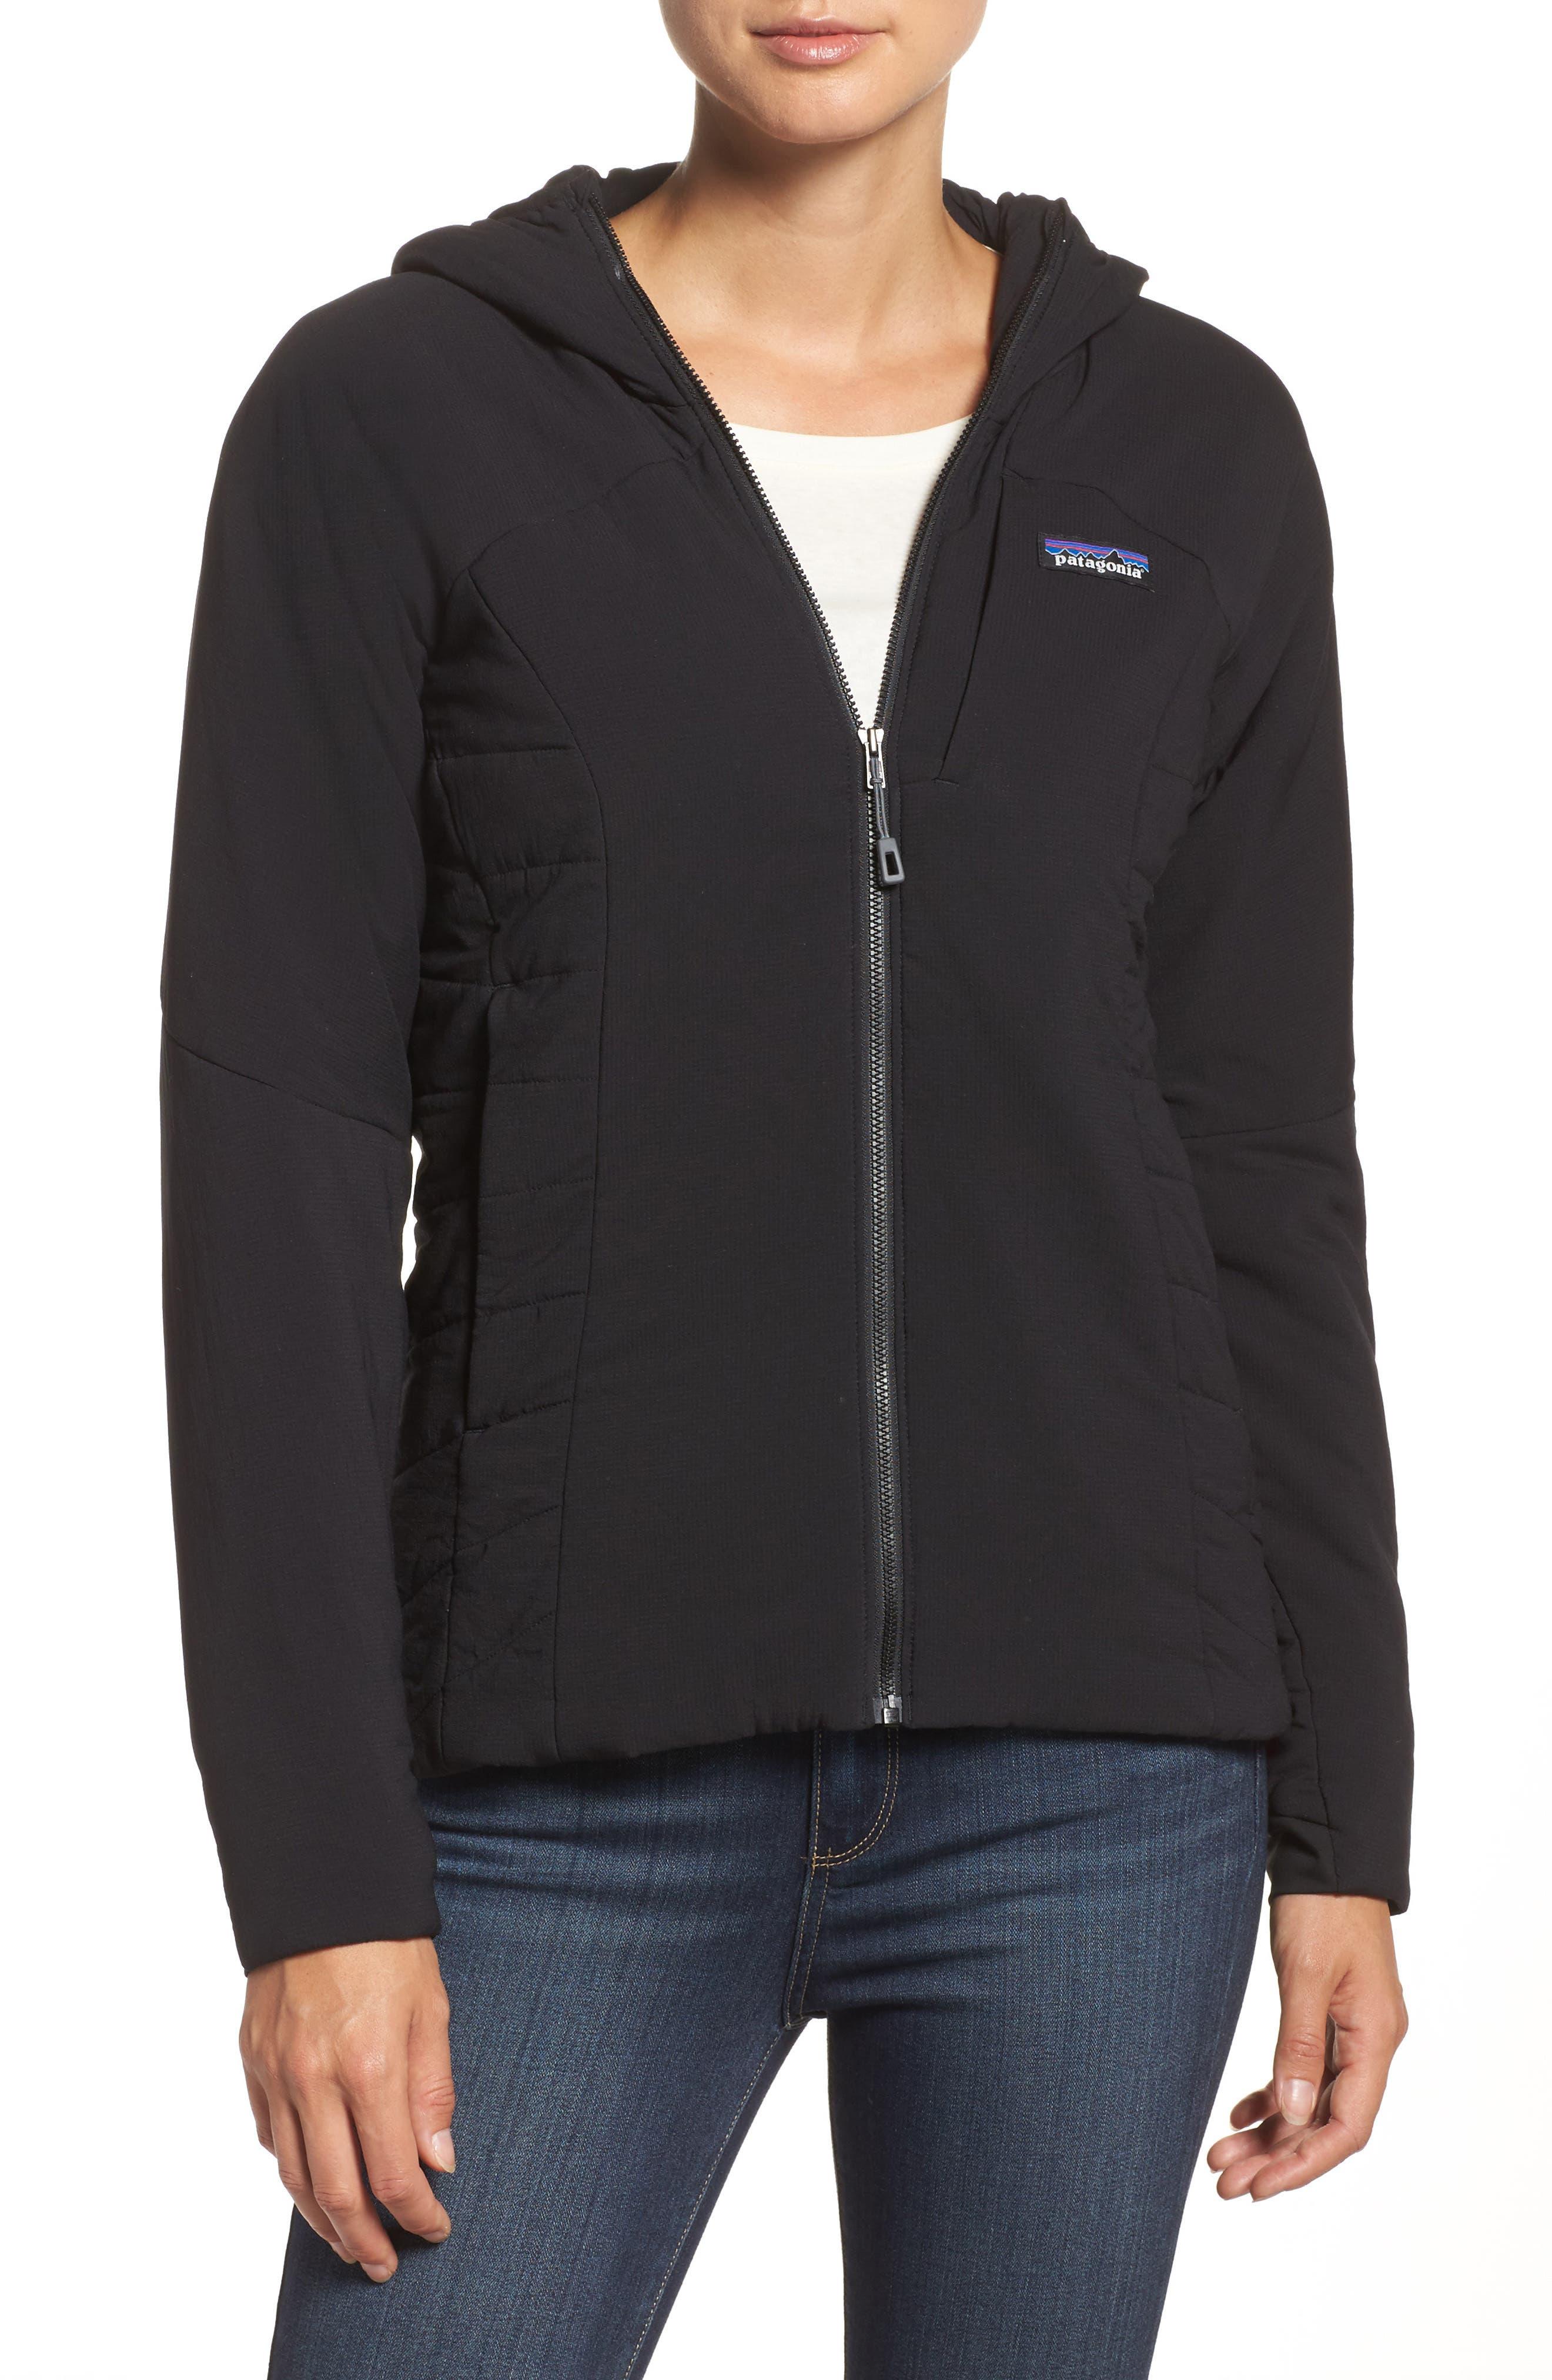 Patagonia Nano-Air Hooded Jacket